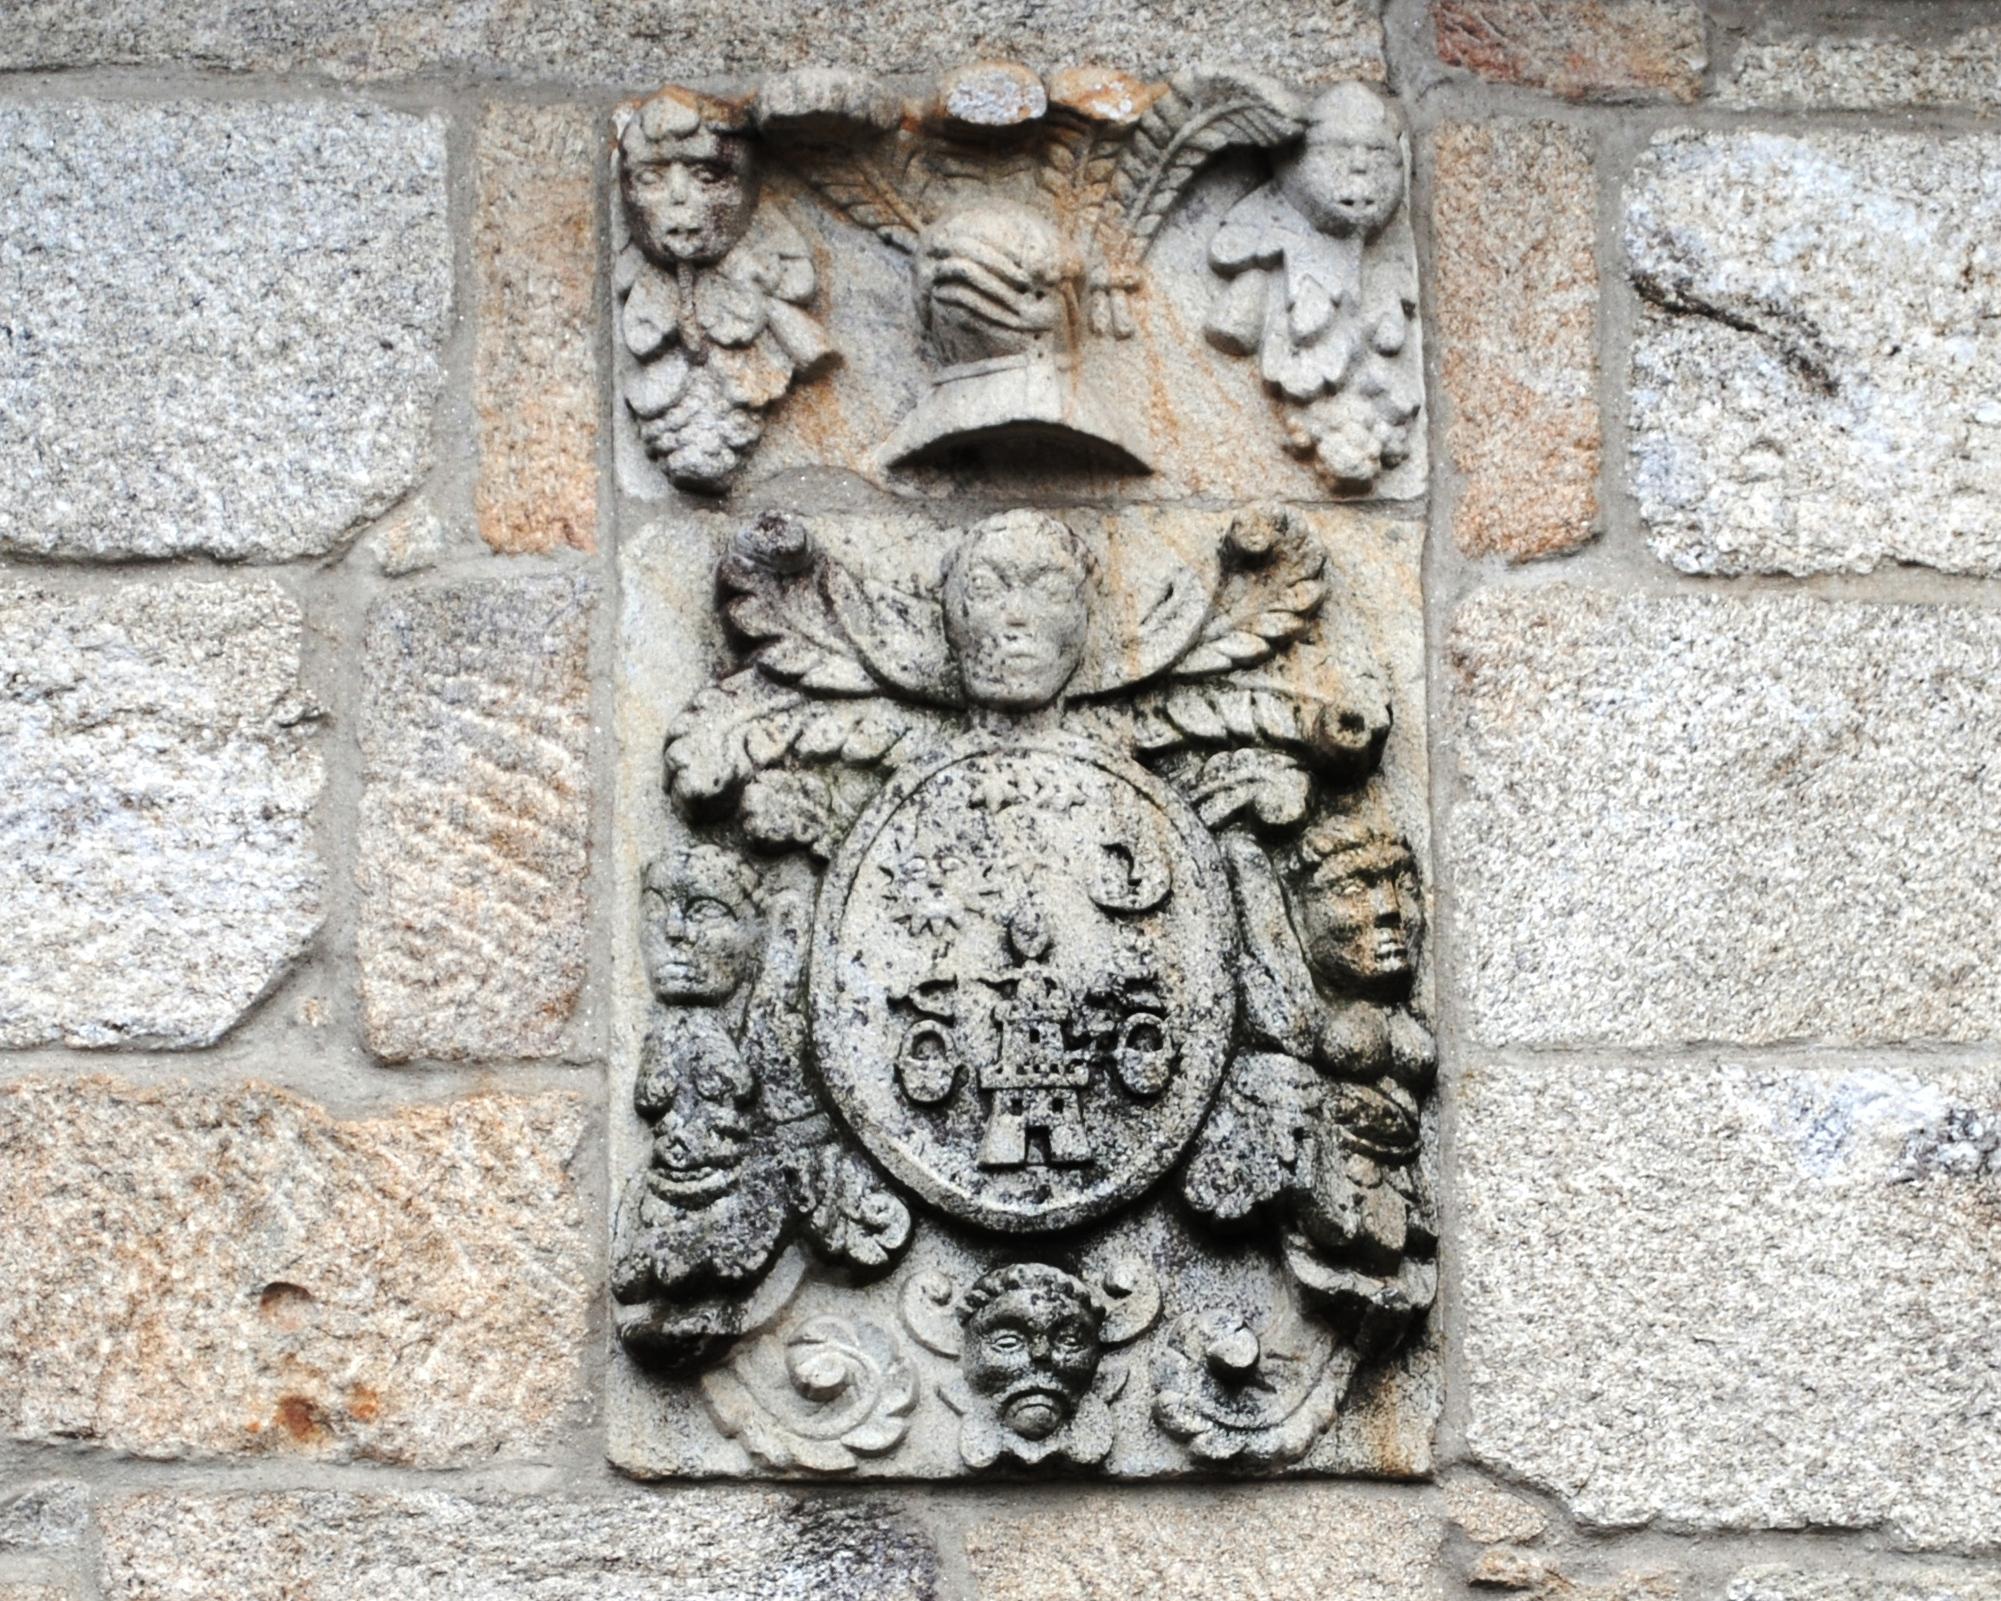 http://upload.wikimedia.org/wikipedia/commons/f/f7/Pazo_de_Reboreda%2C_escudo.JPG